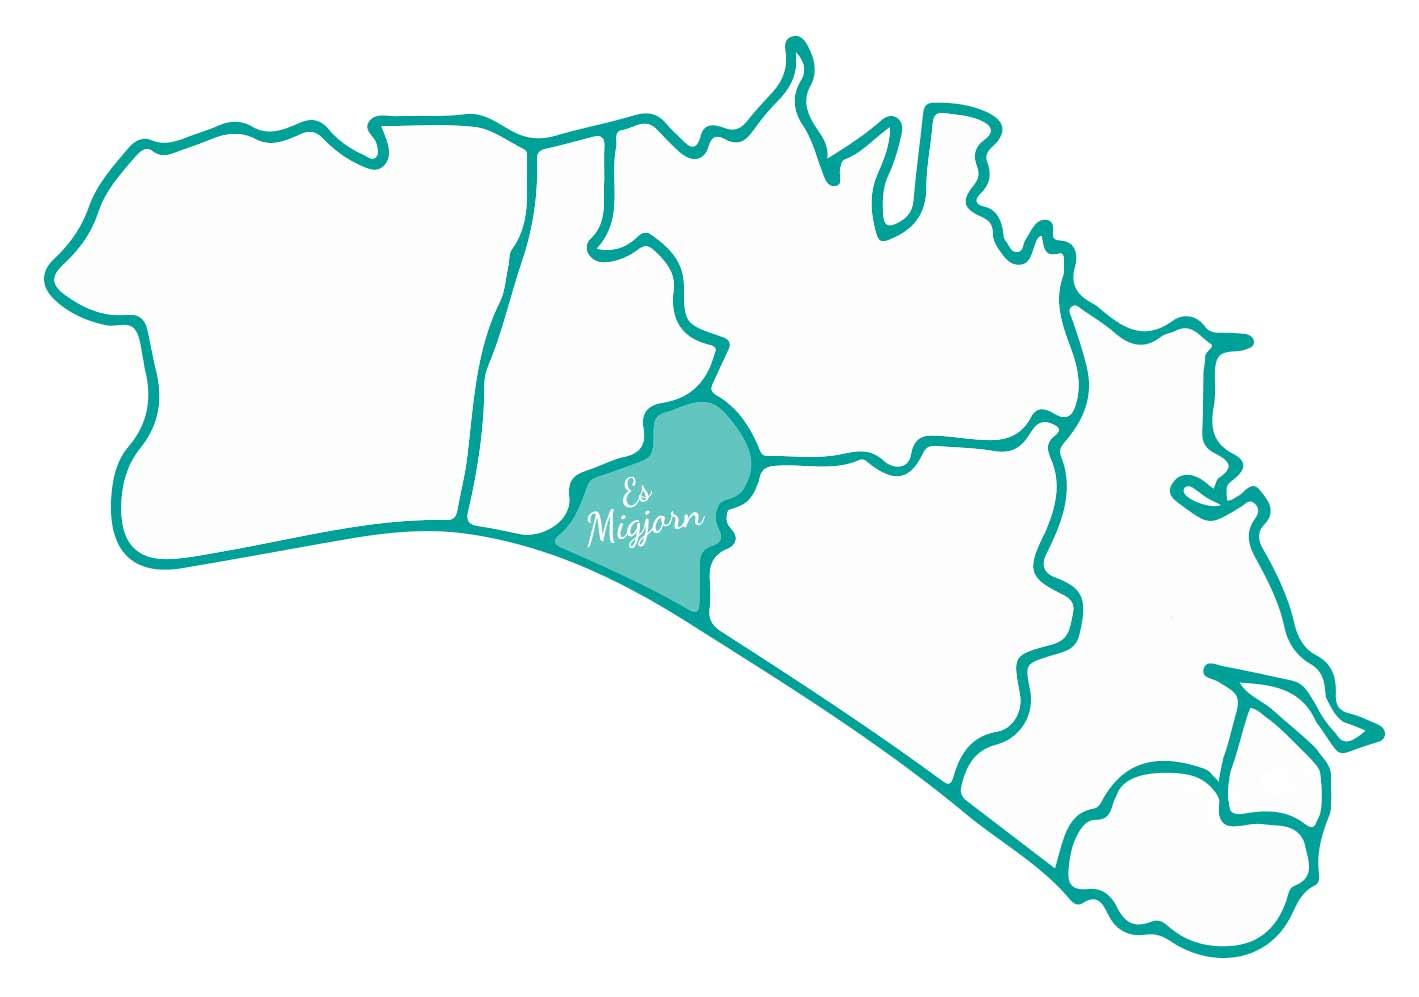 ImmoStyle Menorca Es Migjorn